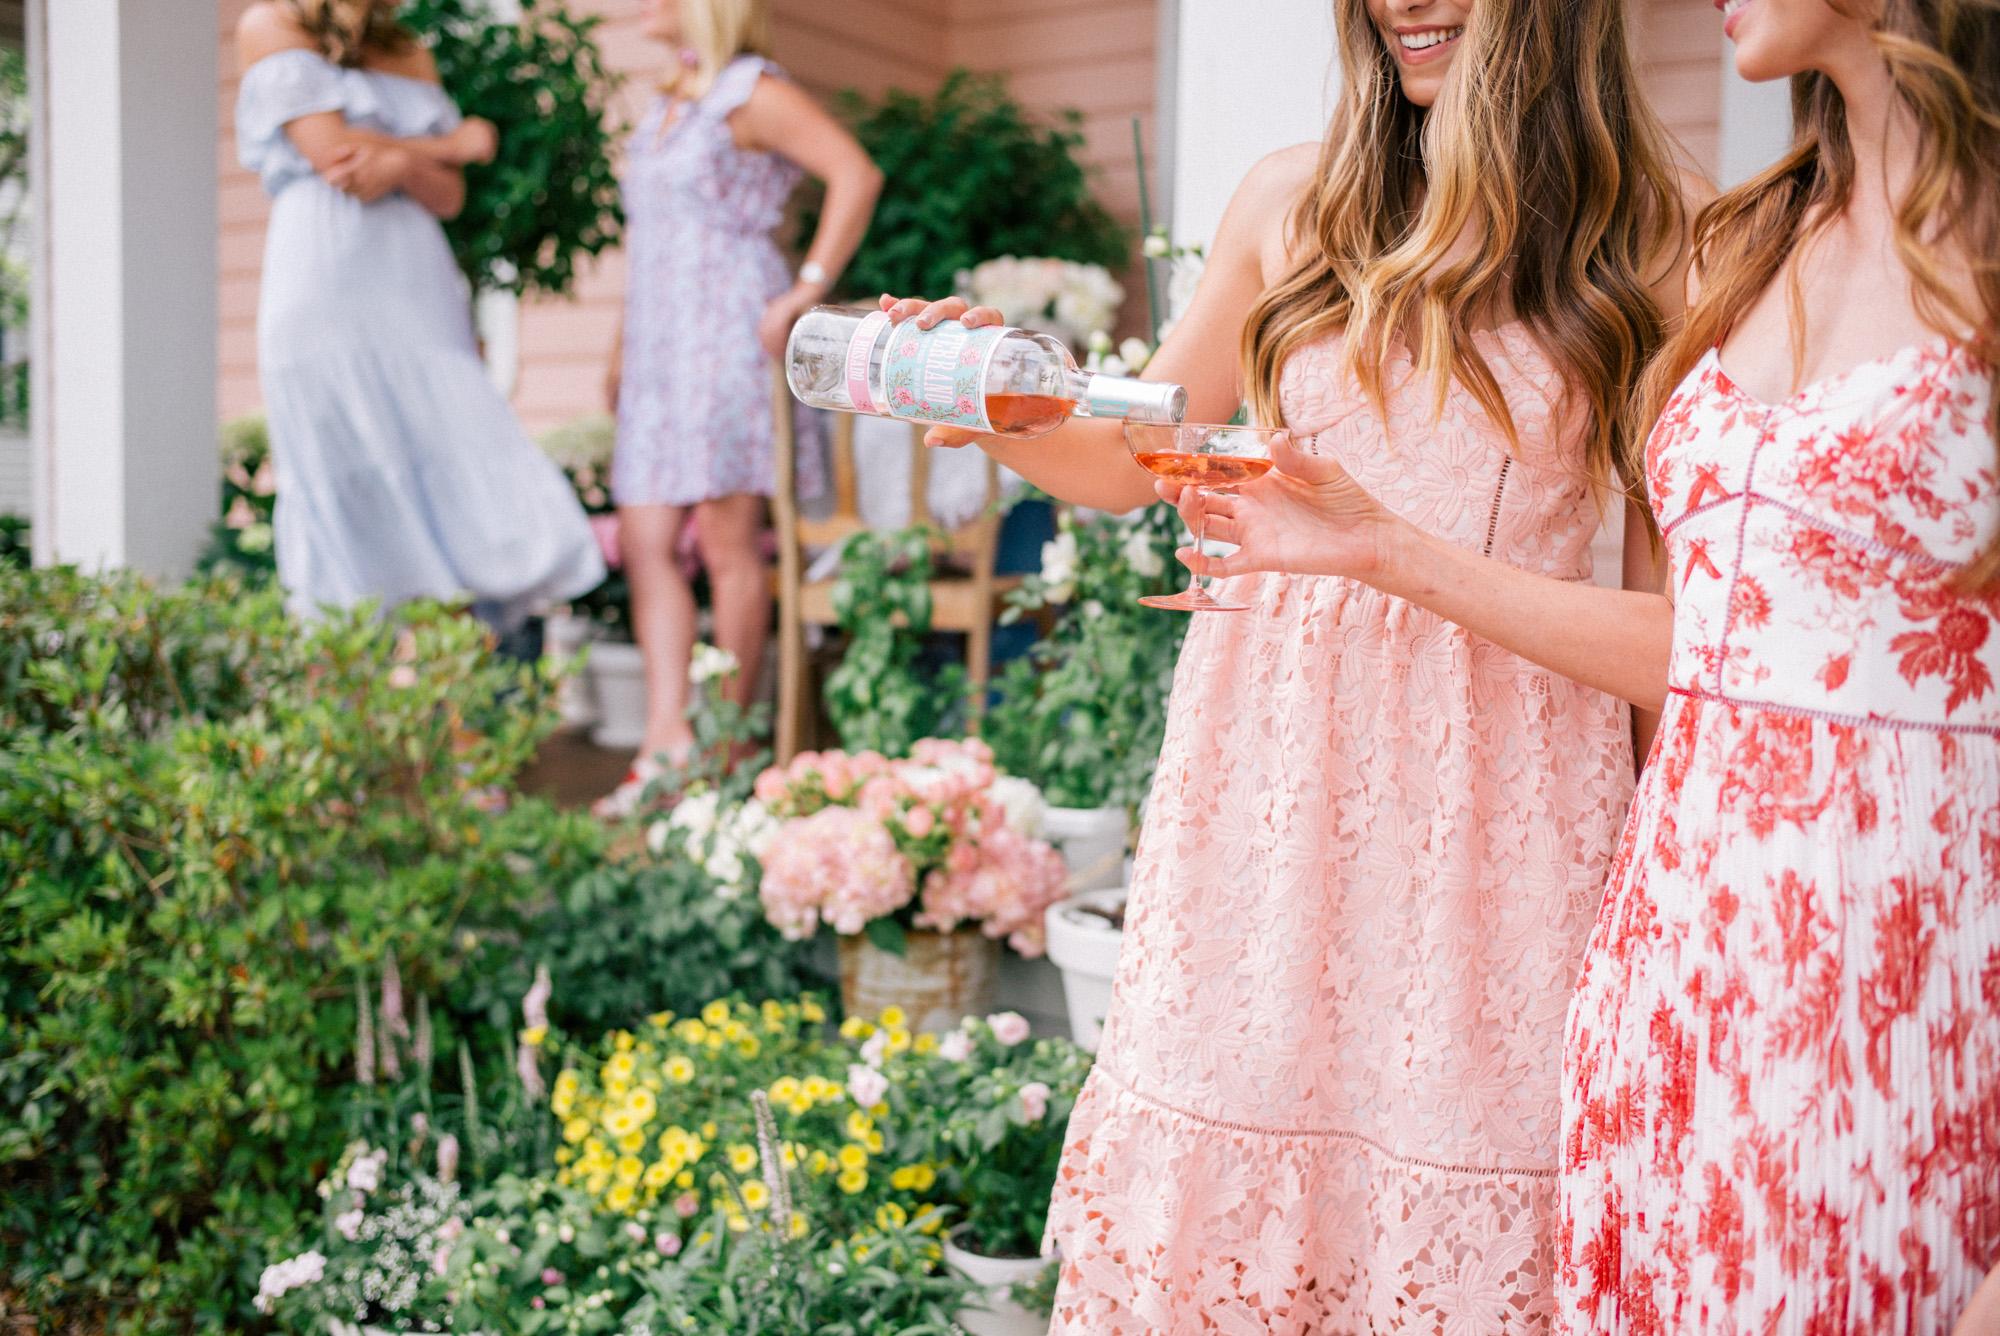 gmg-club-monaco-spring-dresses-1009526